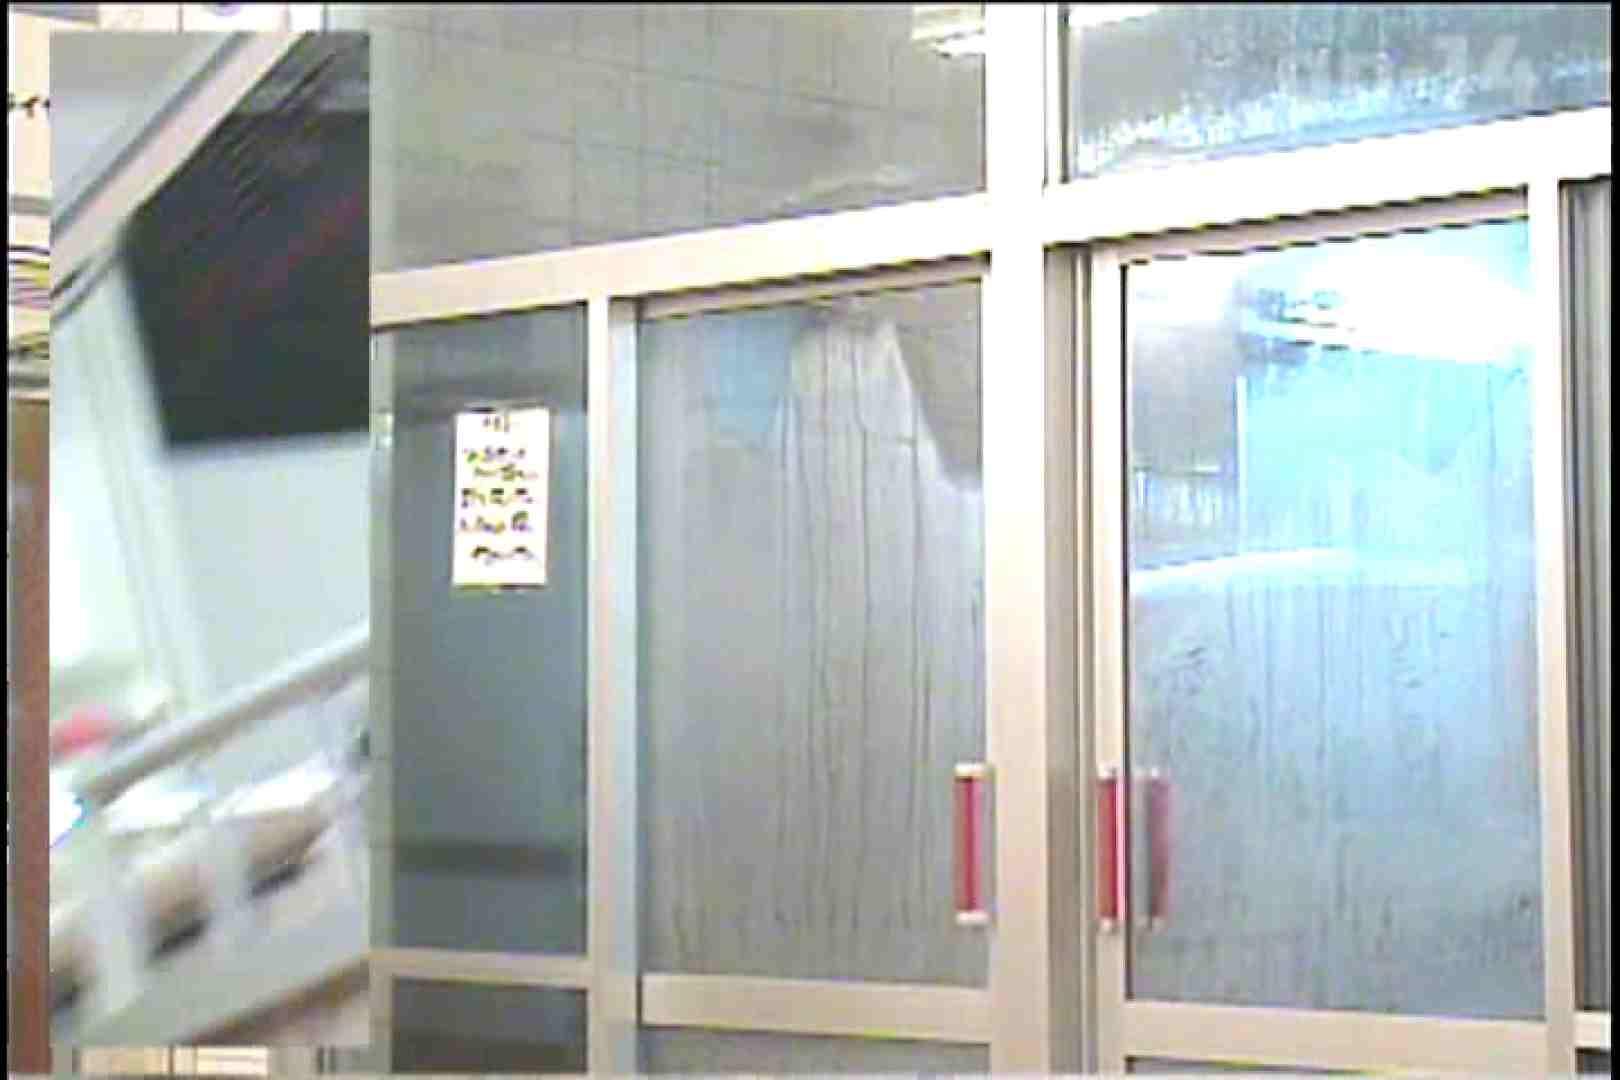 電波カメラ設置浴場からの防HAN映像 Vol.14 OL女体 おまんこ無修正動画無料 78連発 2